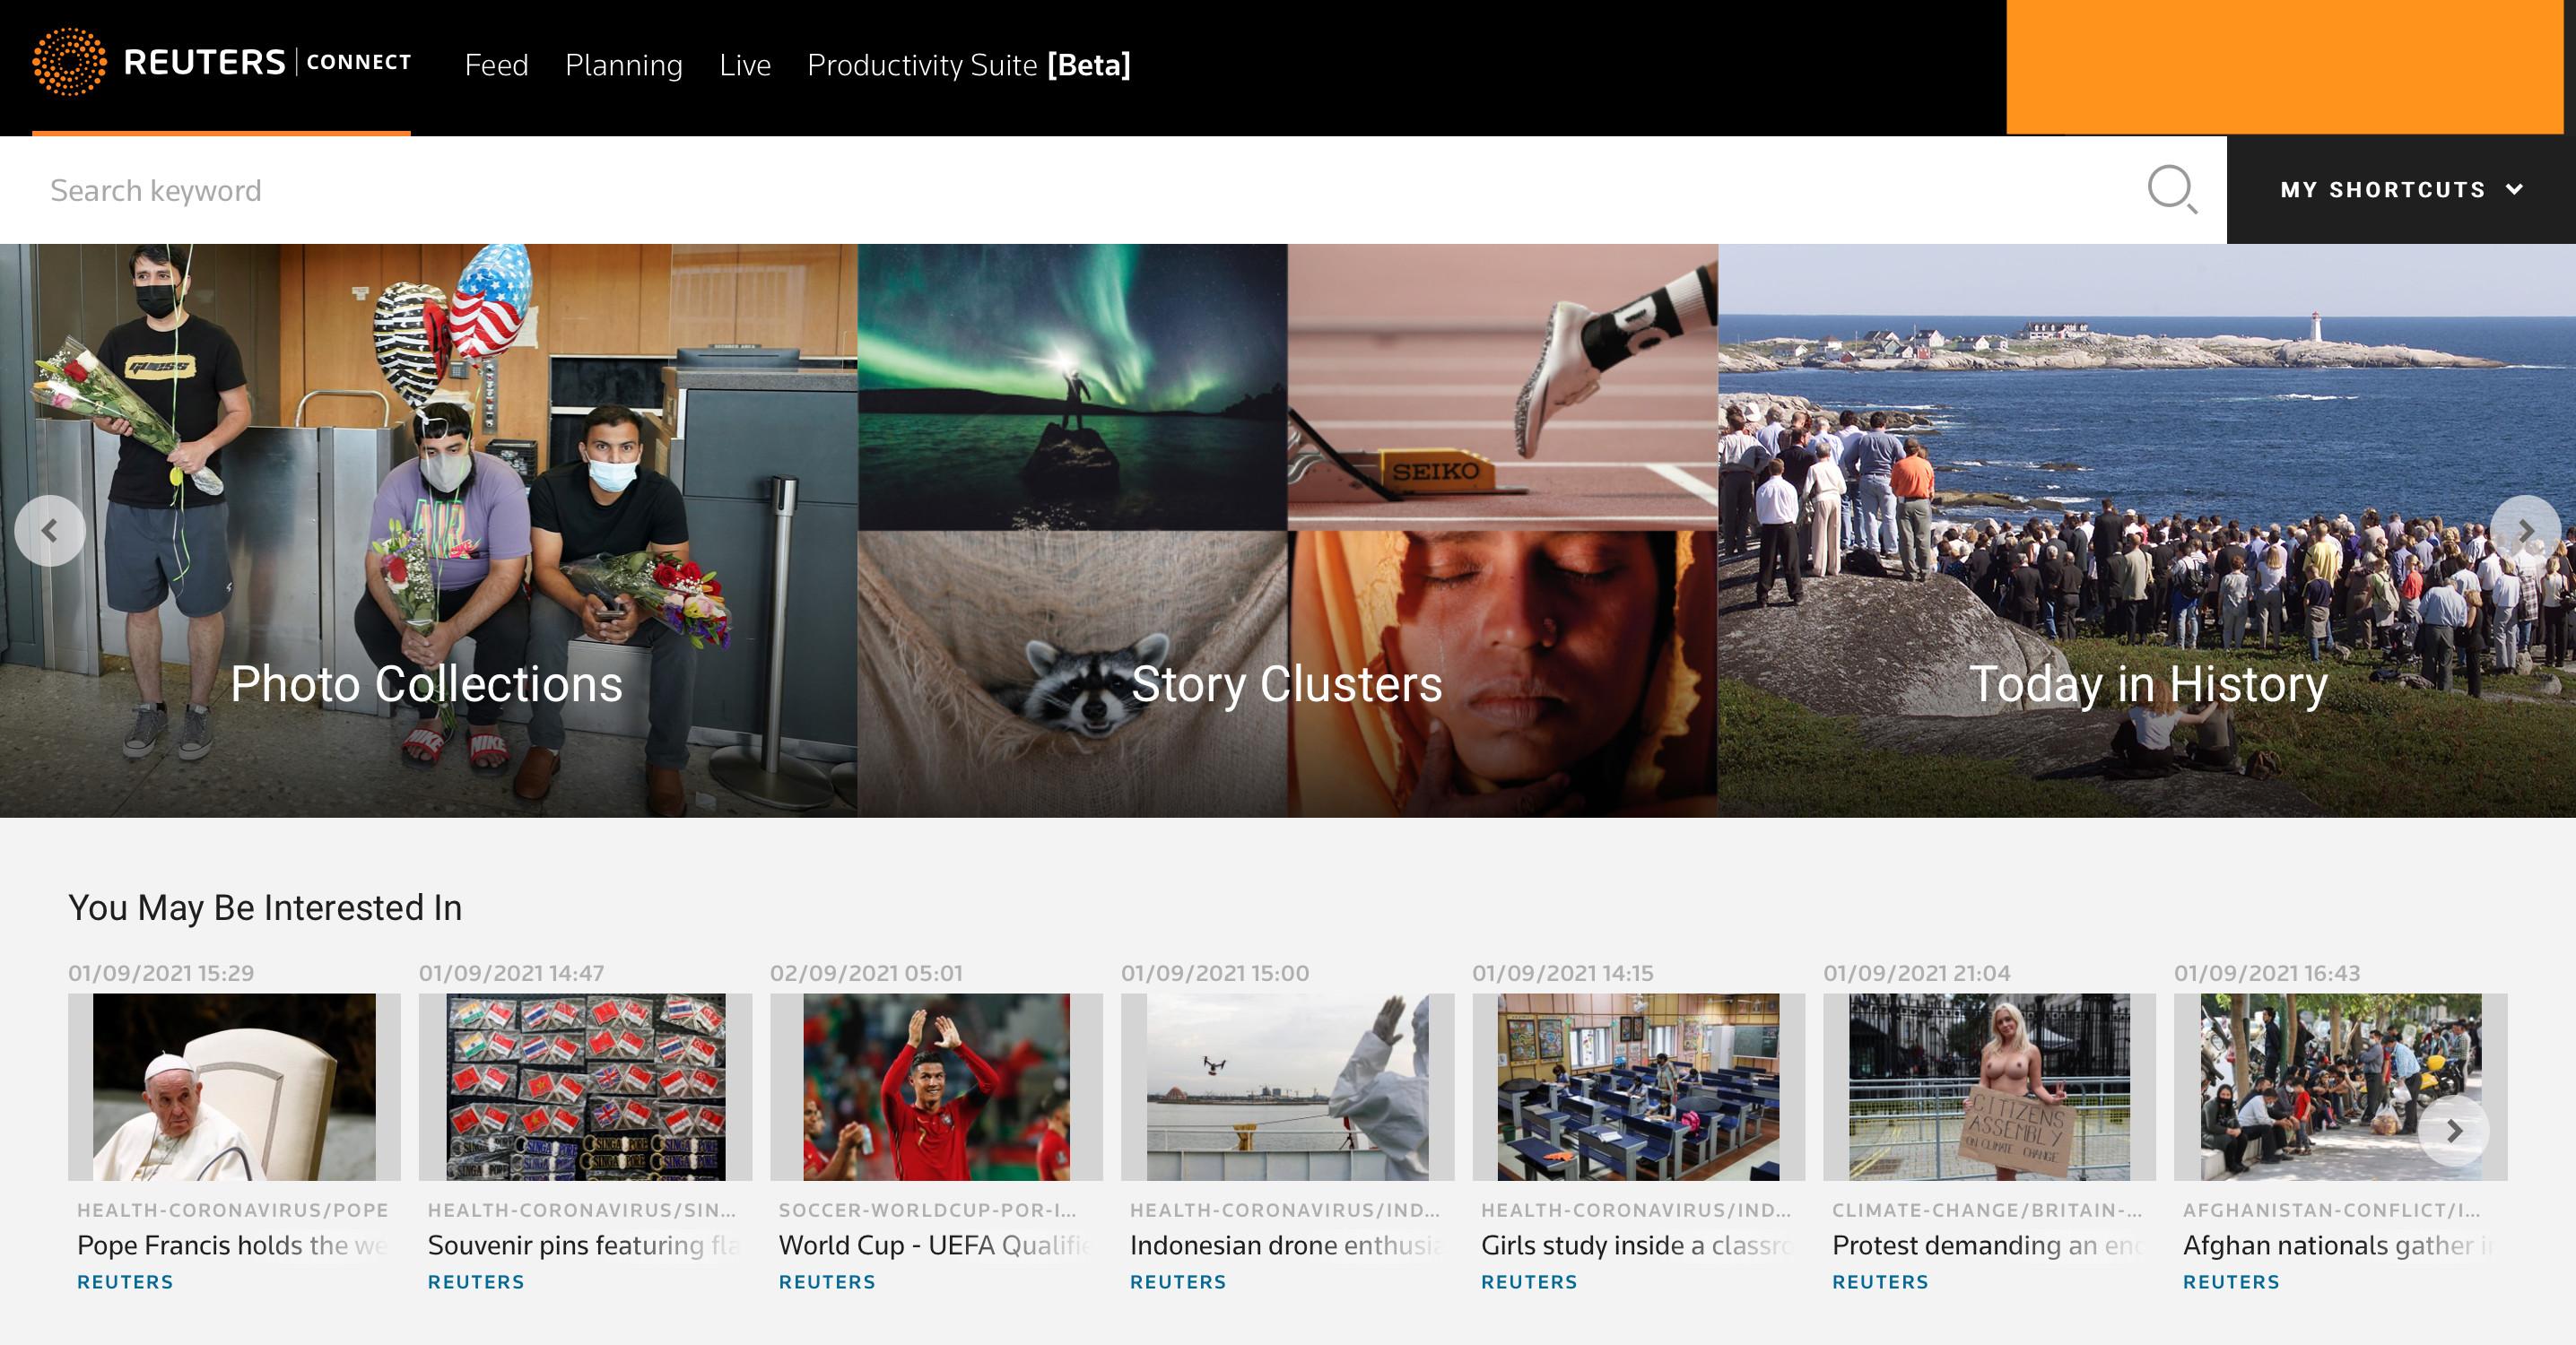 影音,圖文,圖像,新媒體,YouTuber,素材,資料庫,圖庫,創用CC,創作